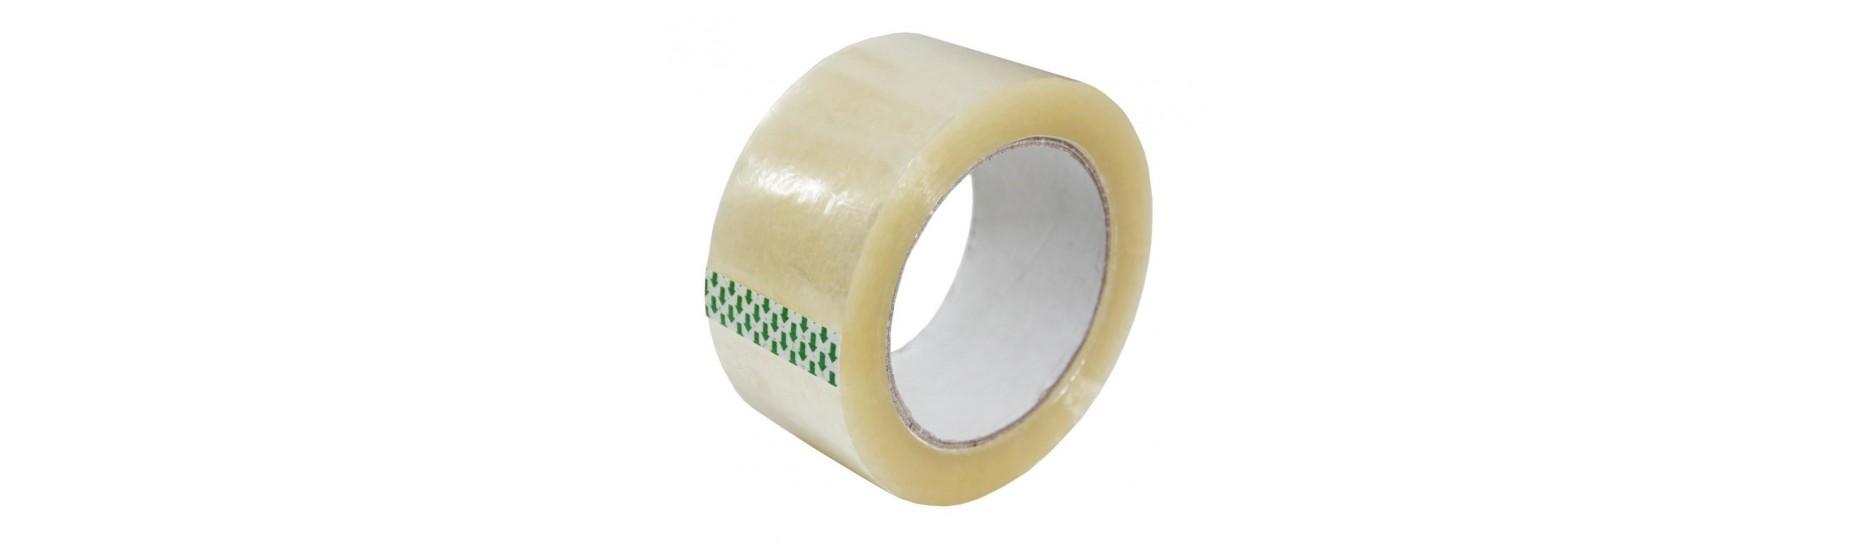 Lepicí pásky nebo izolepa je vynikající pomocník při balícím procesu. V nabídce máme nejrůznější druhy lepicích pásek. Rychlá expedice zboží, zboží skladem, množstevní slevy.